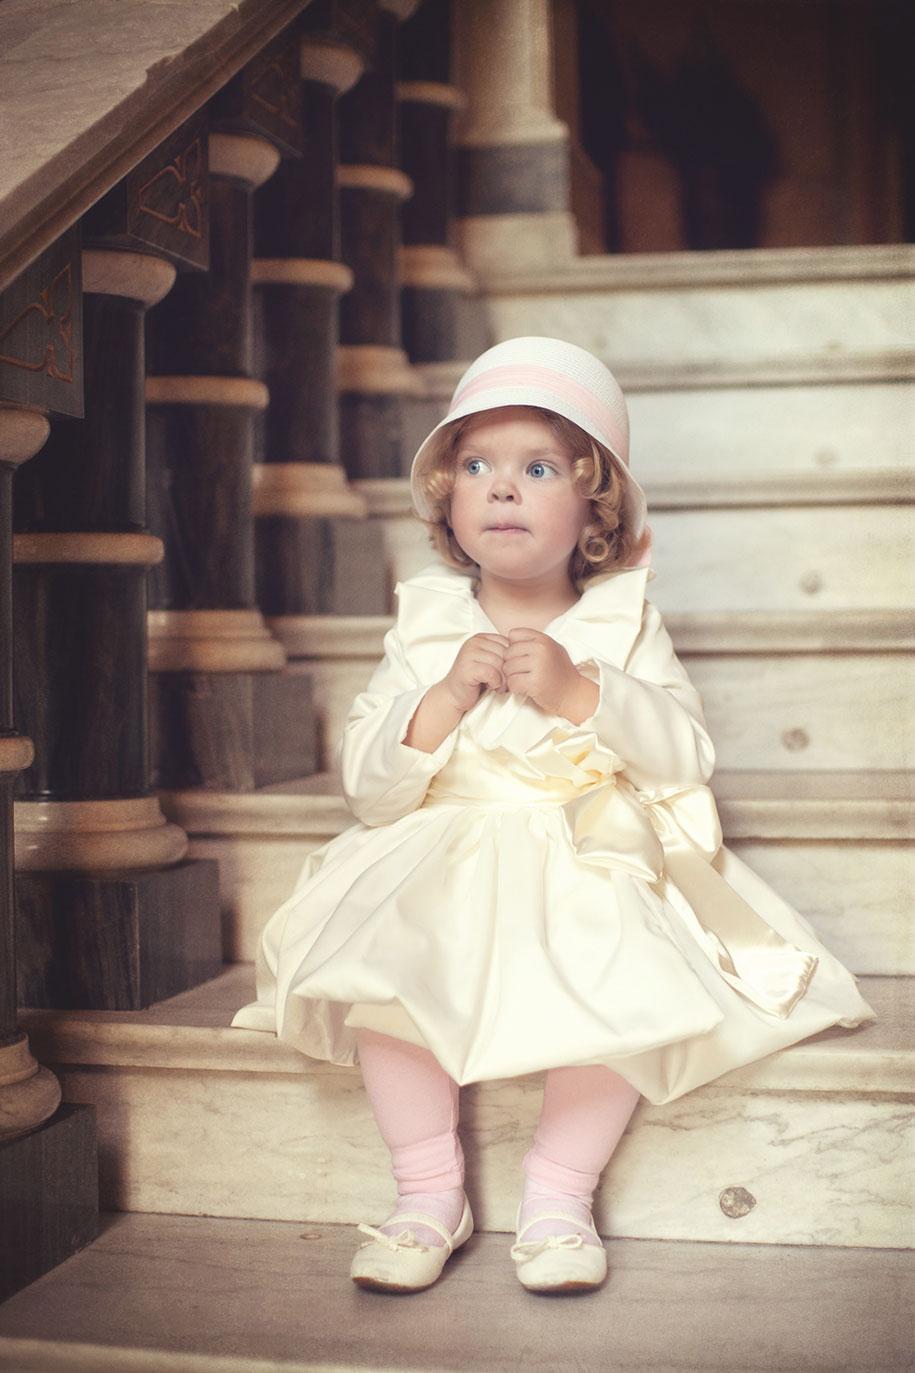 photographer-captures-children-in-costumes-childhood-anna-rozwadowska-6